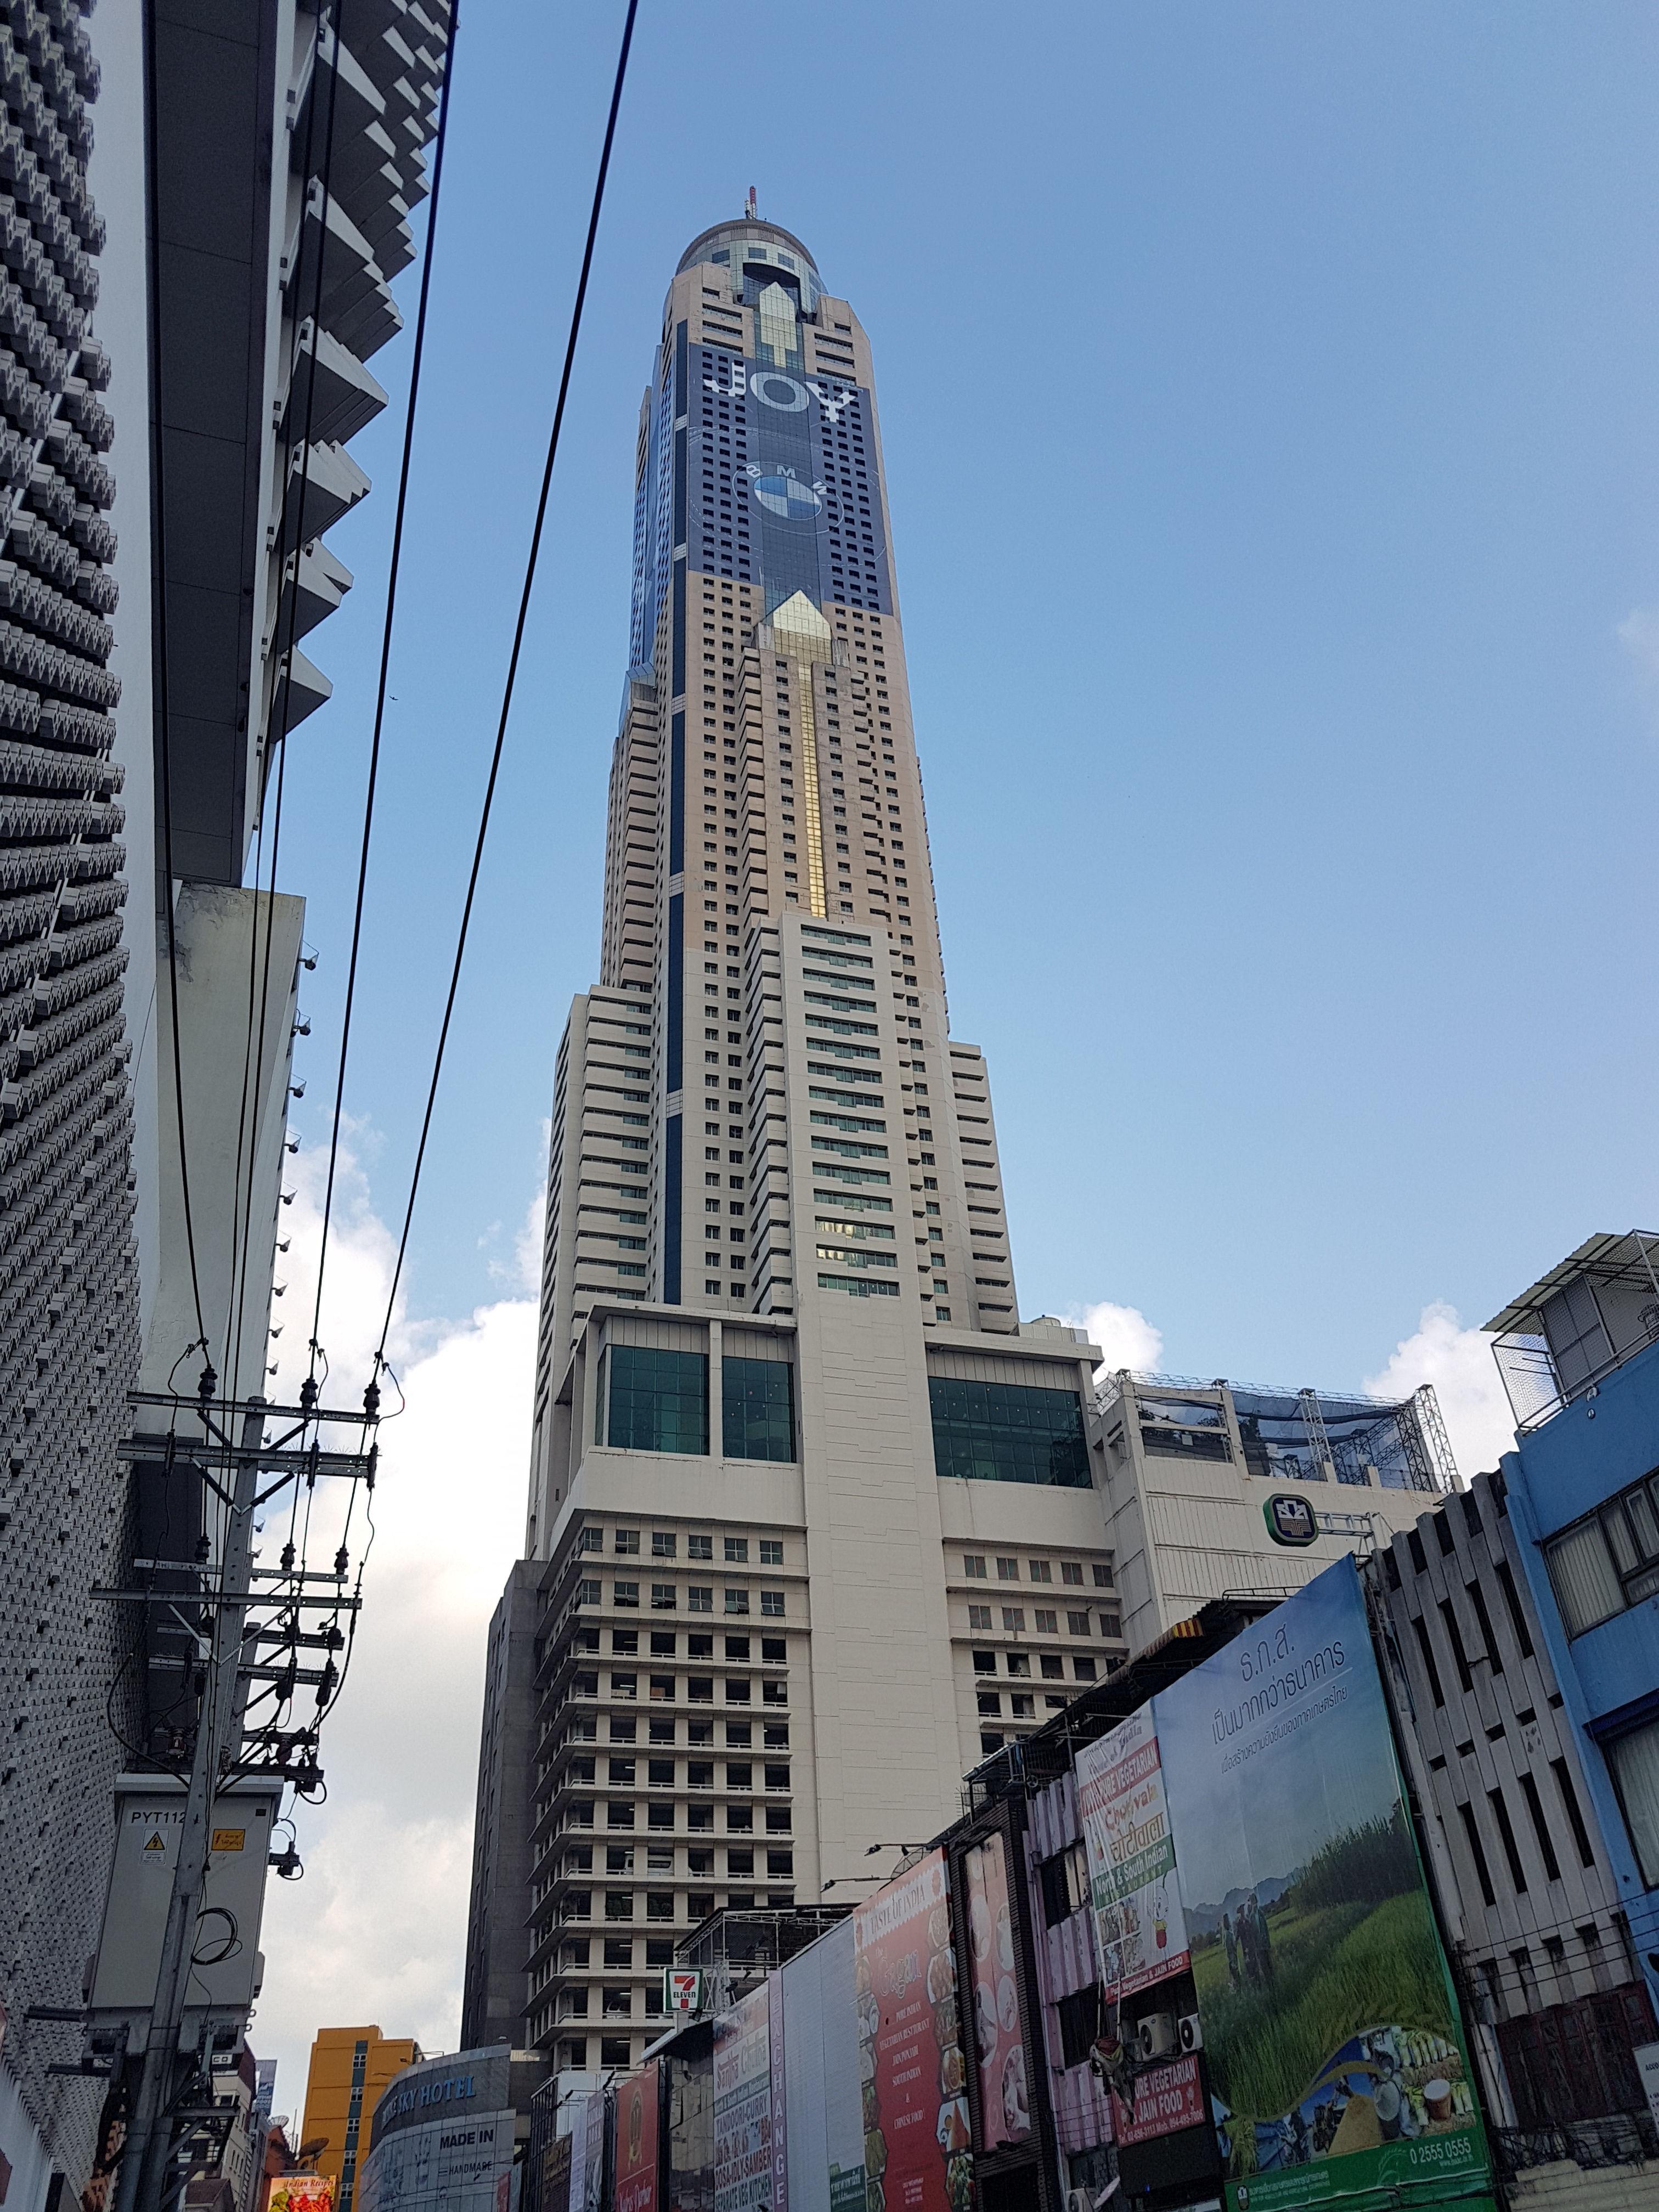 Baiyoke Sky Hotel, Pratunum, Bangkok, Thailand